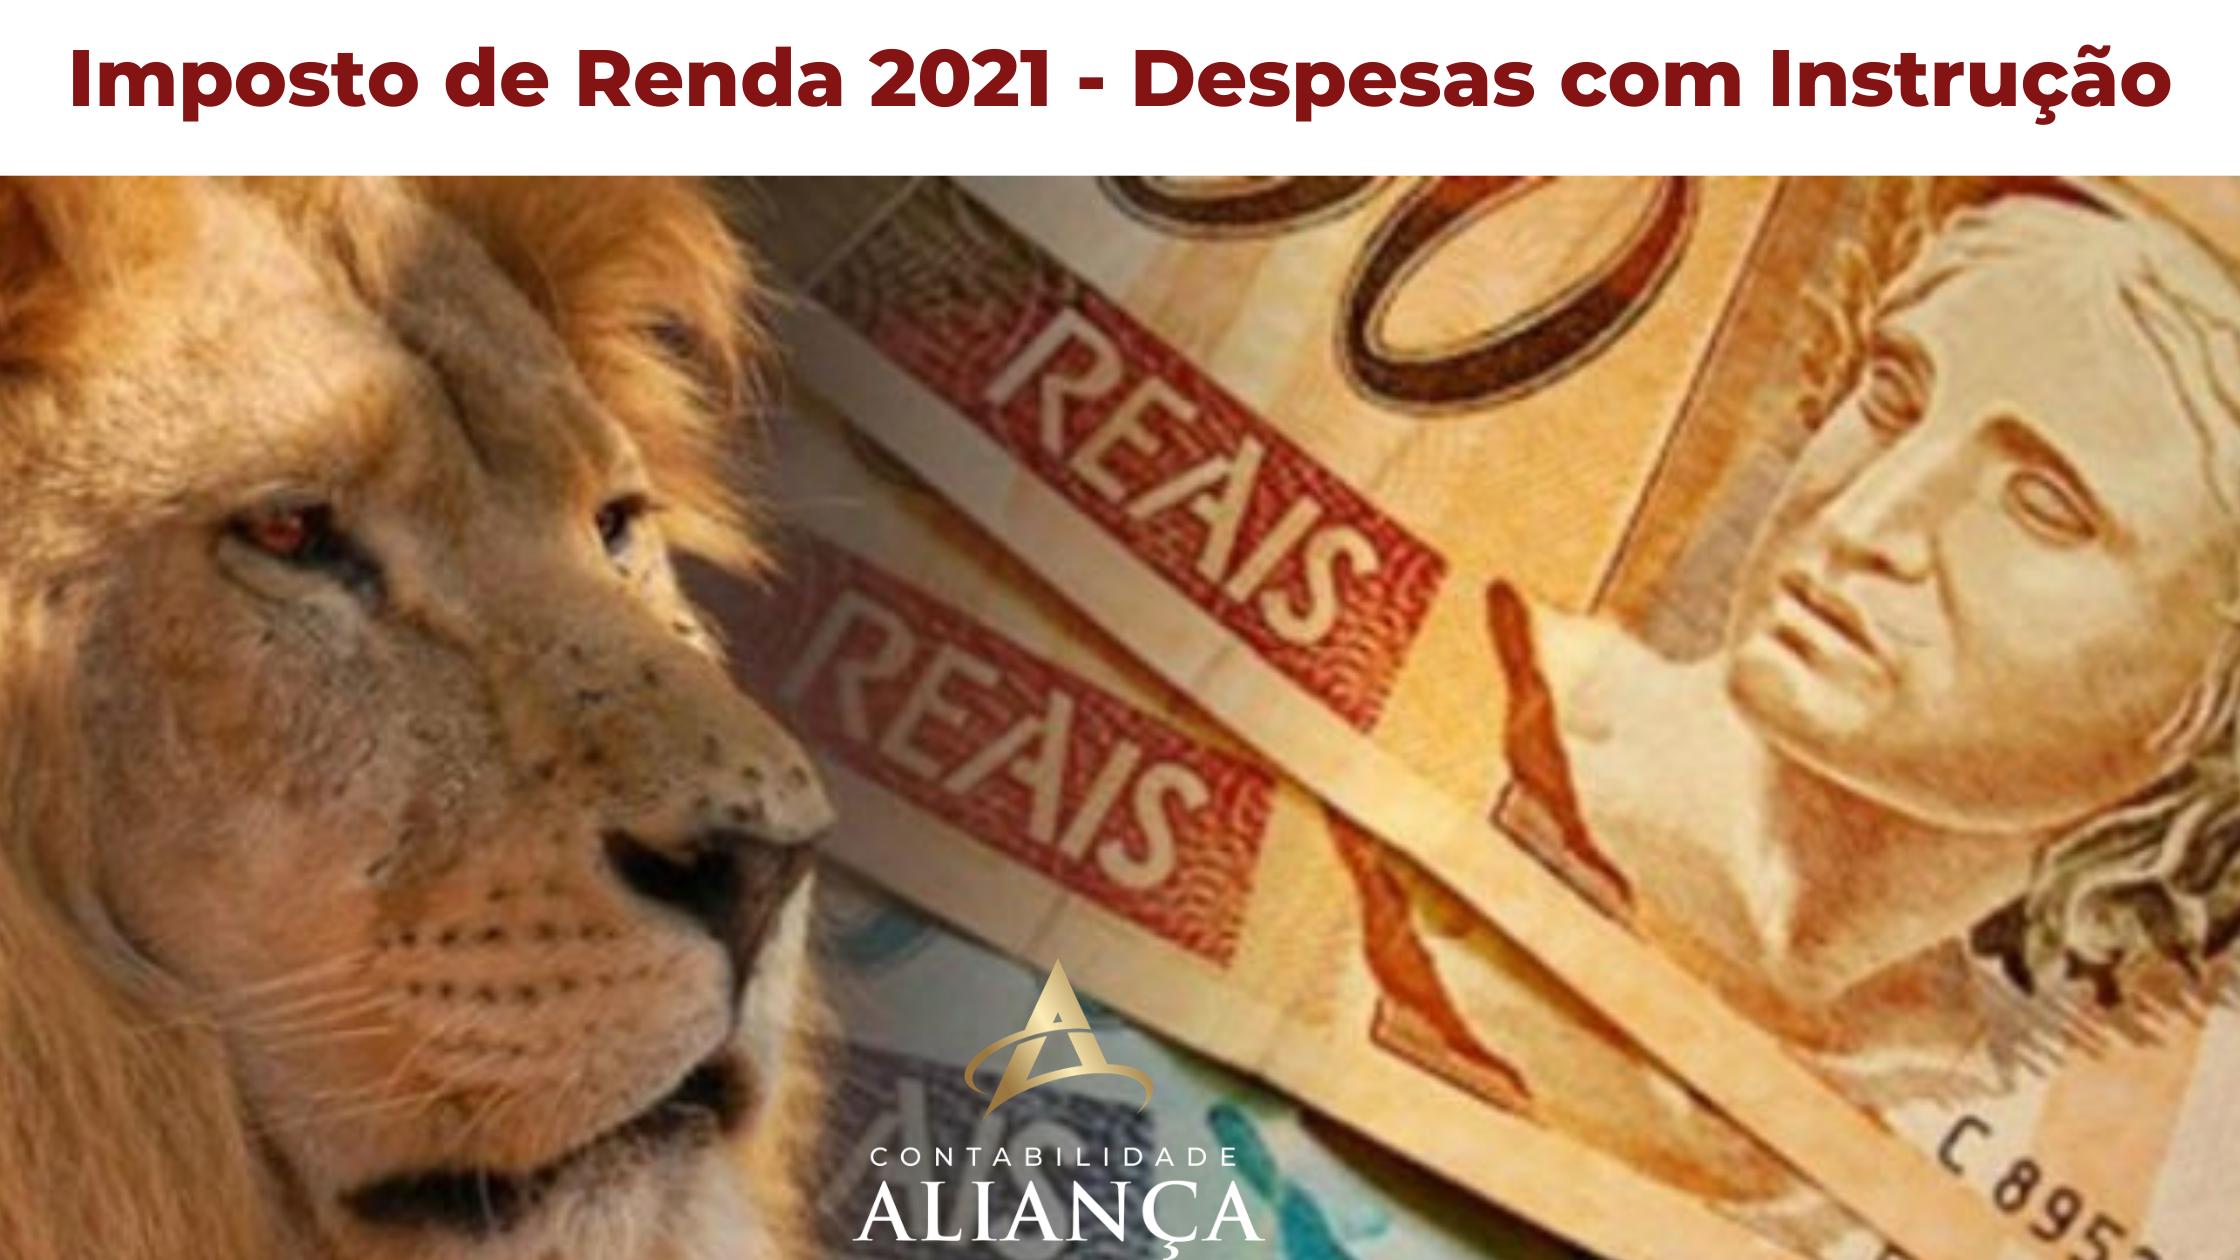 Imposto De Renda 2021 Despesas Com Instrução - Contabilidade em Guarulhos - SP | Aliança Contabilidade - Imposto de Renda 2021 – Despesas com Instrução